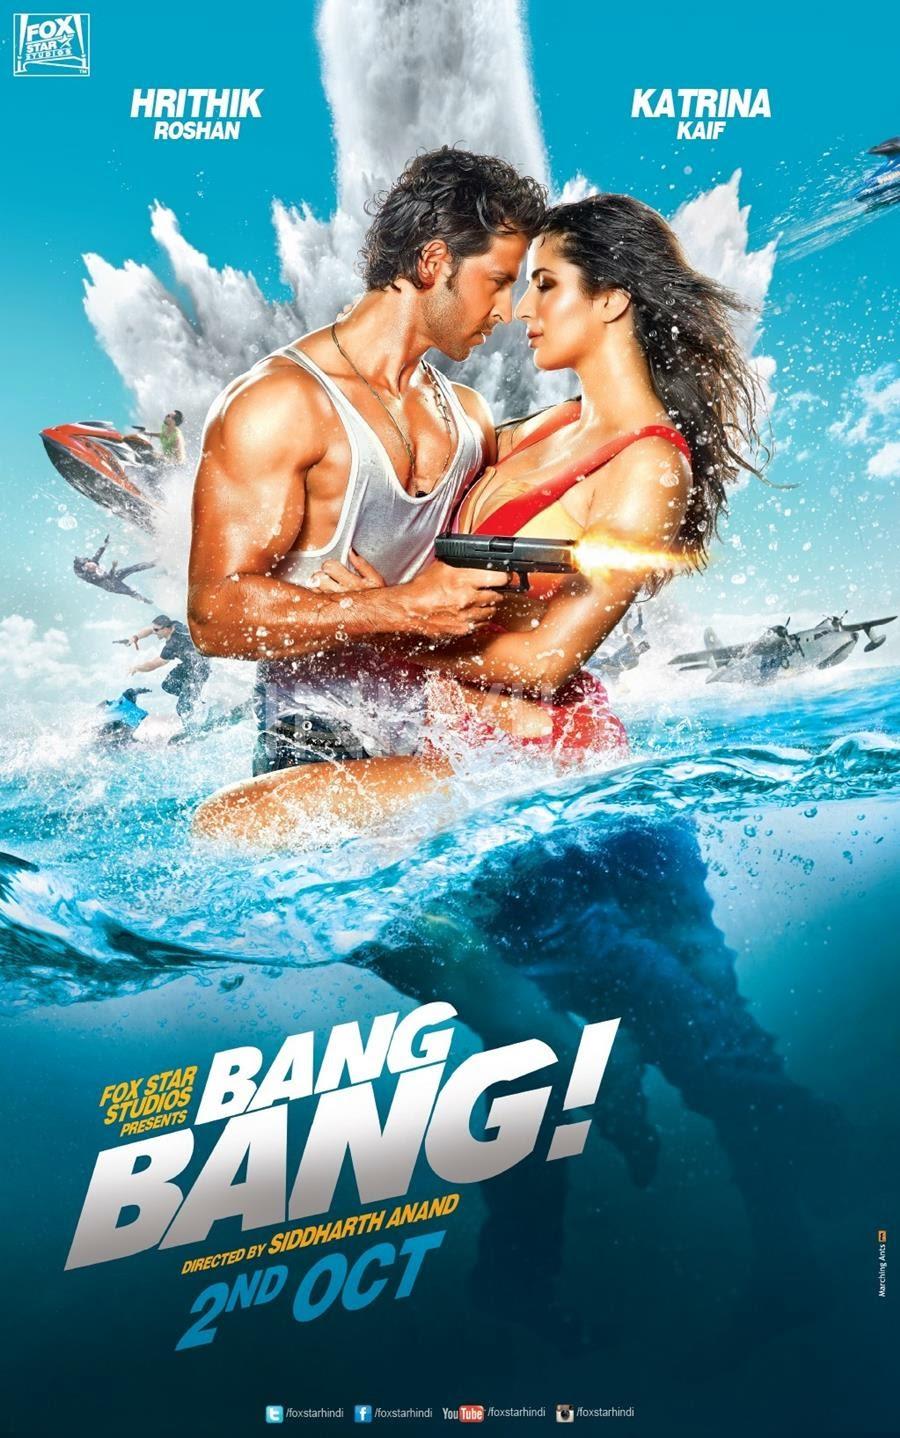 Ek villain (2014) top bollywood movie mp3 songs 4u free download.